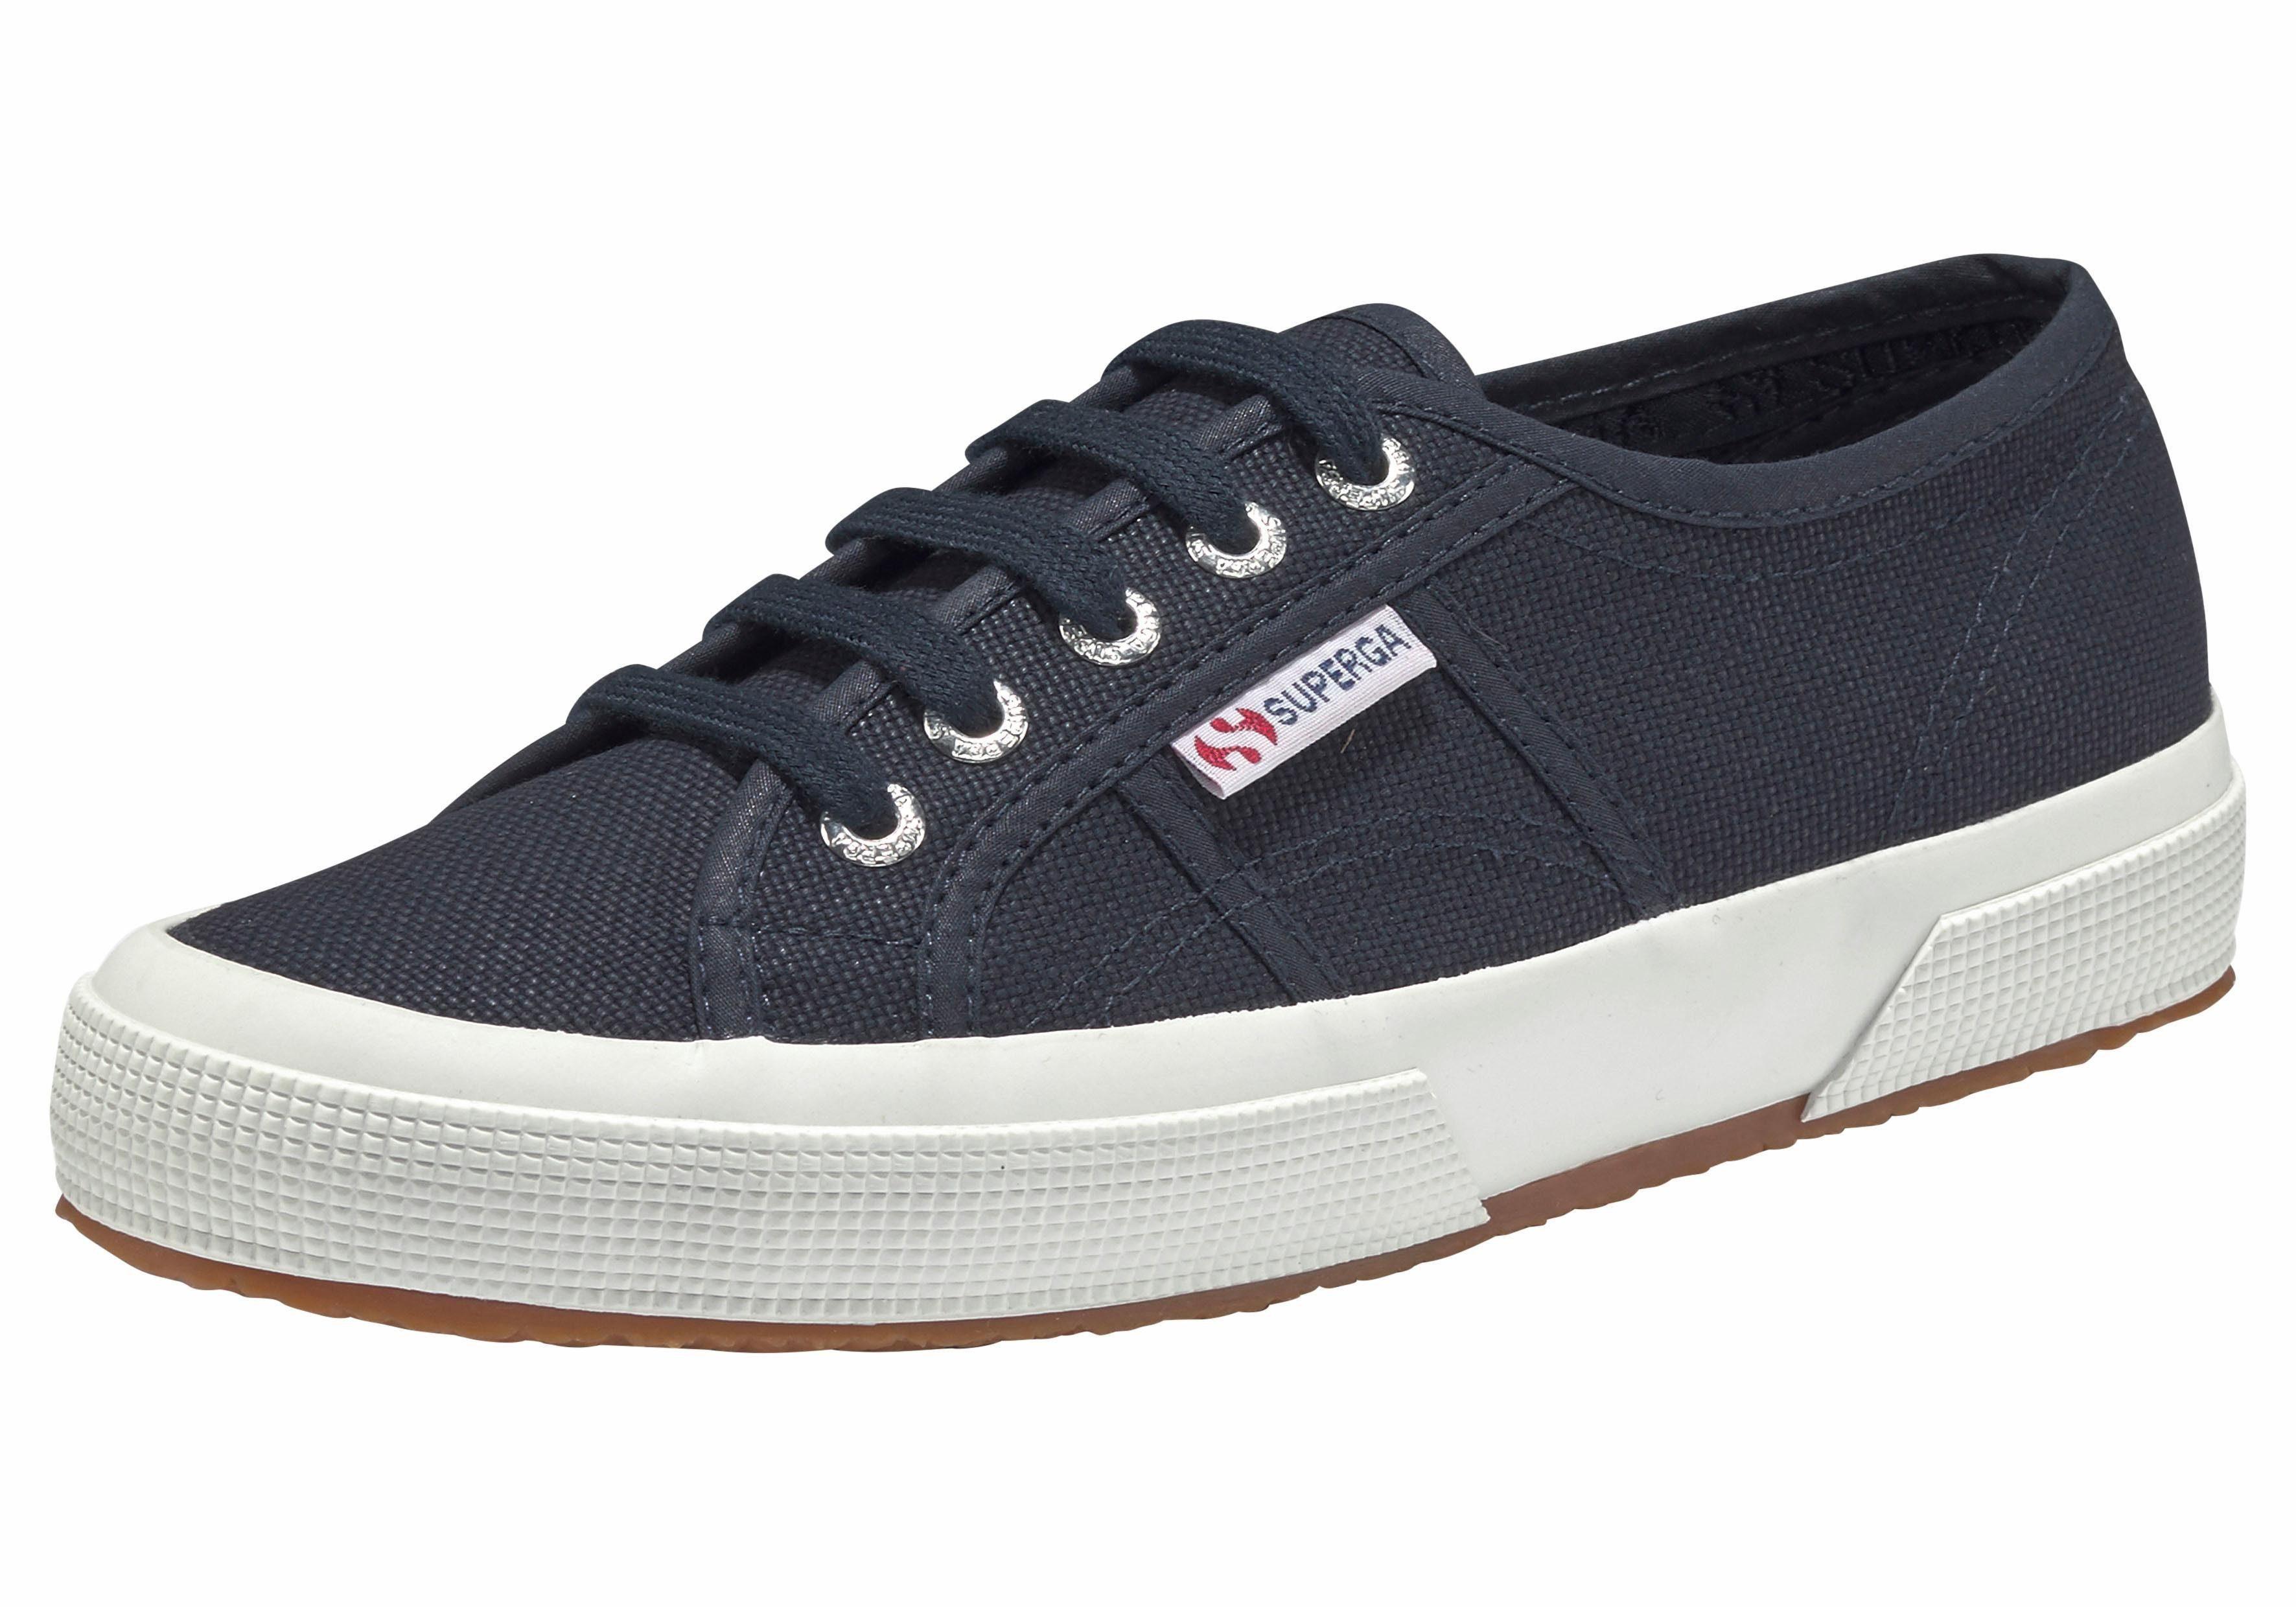 Superga Cotu Classic Sneaker online kaufen  navy-weiß